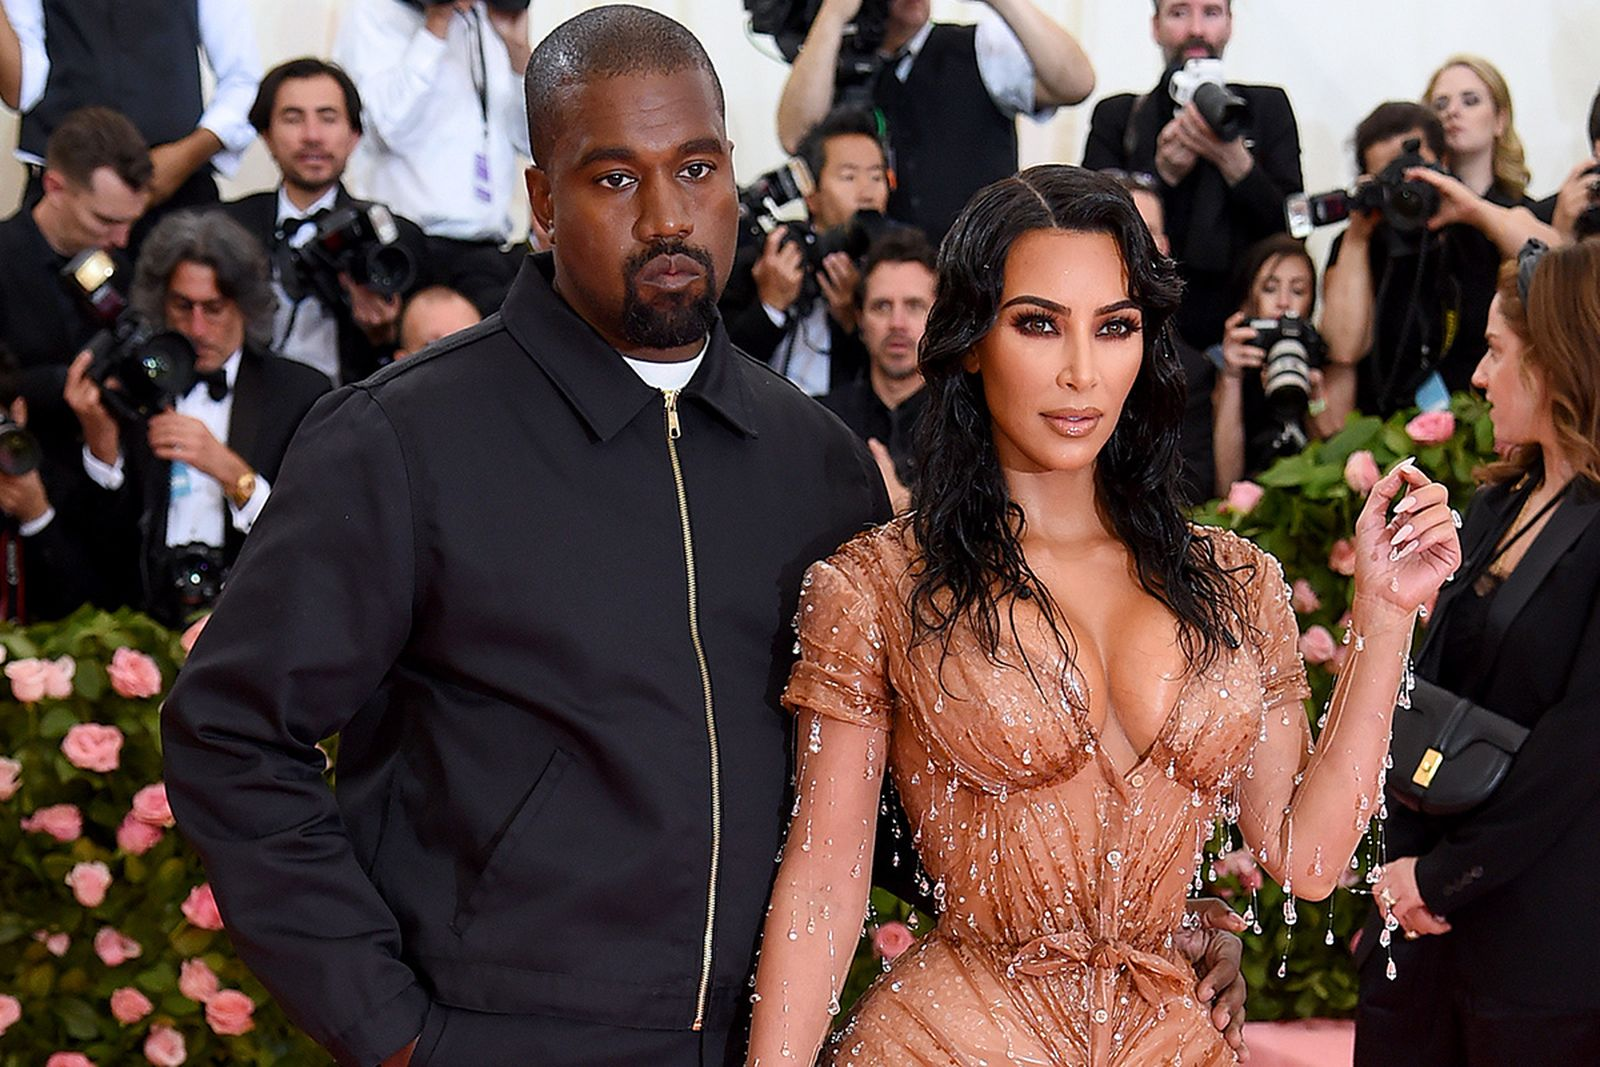 kanyes met gala jacket dickies buy Met Gala 2019 kanye west